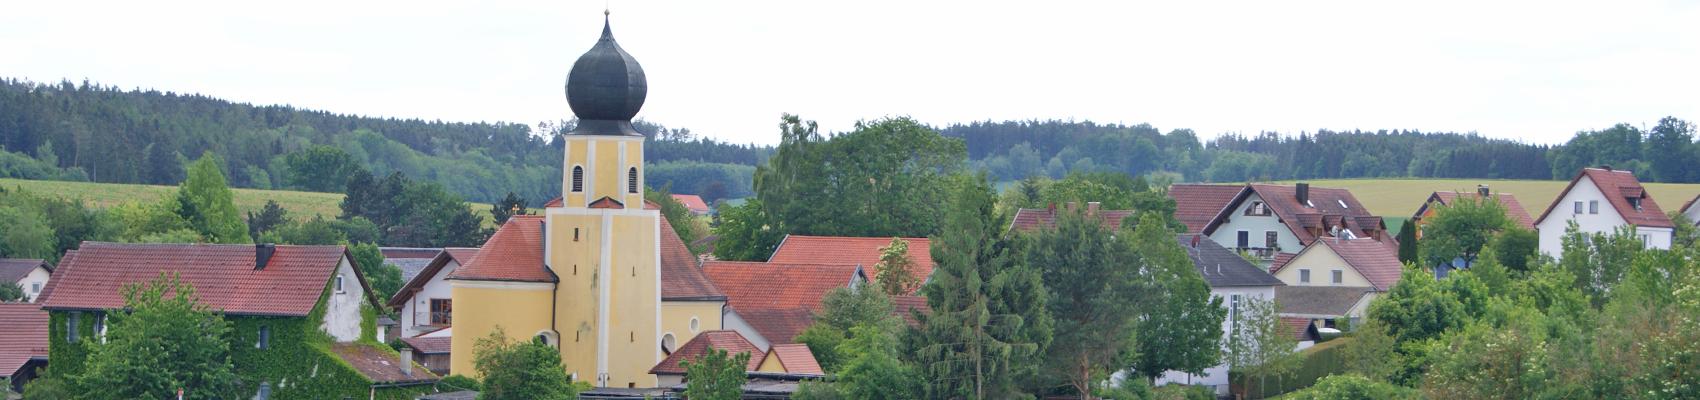 Gailsbach breiter